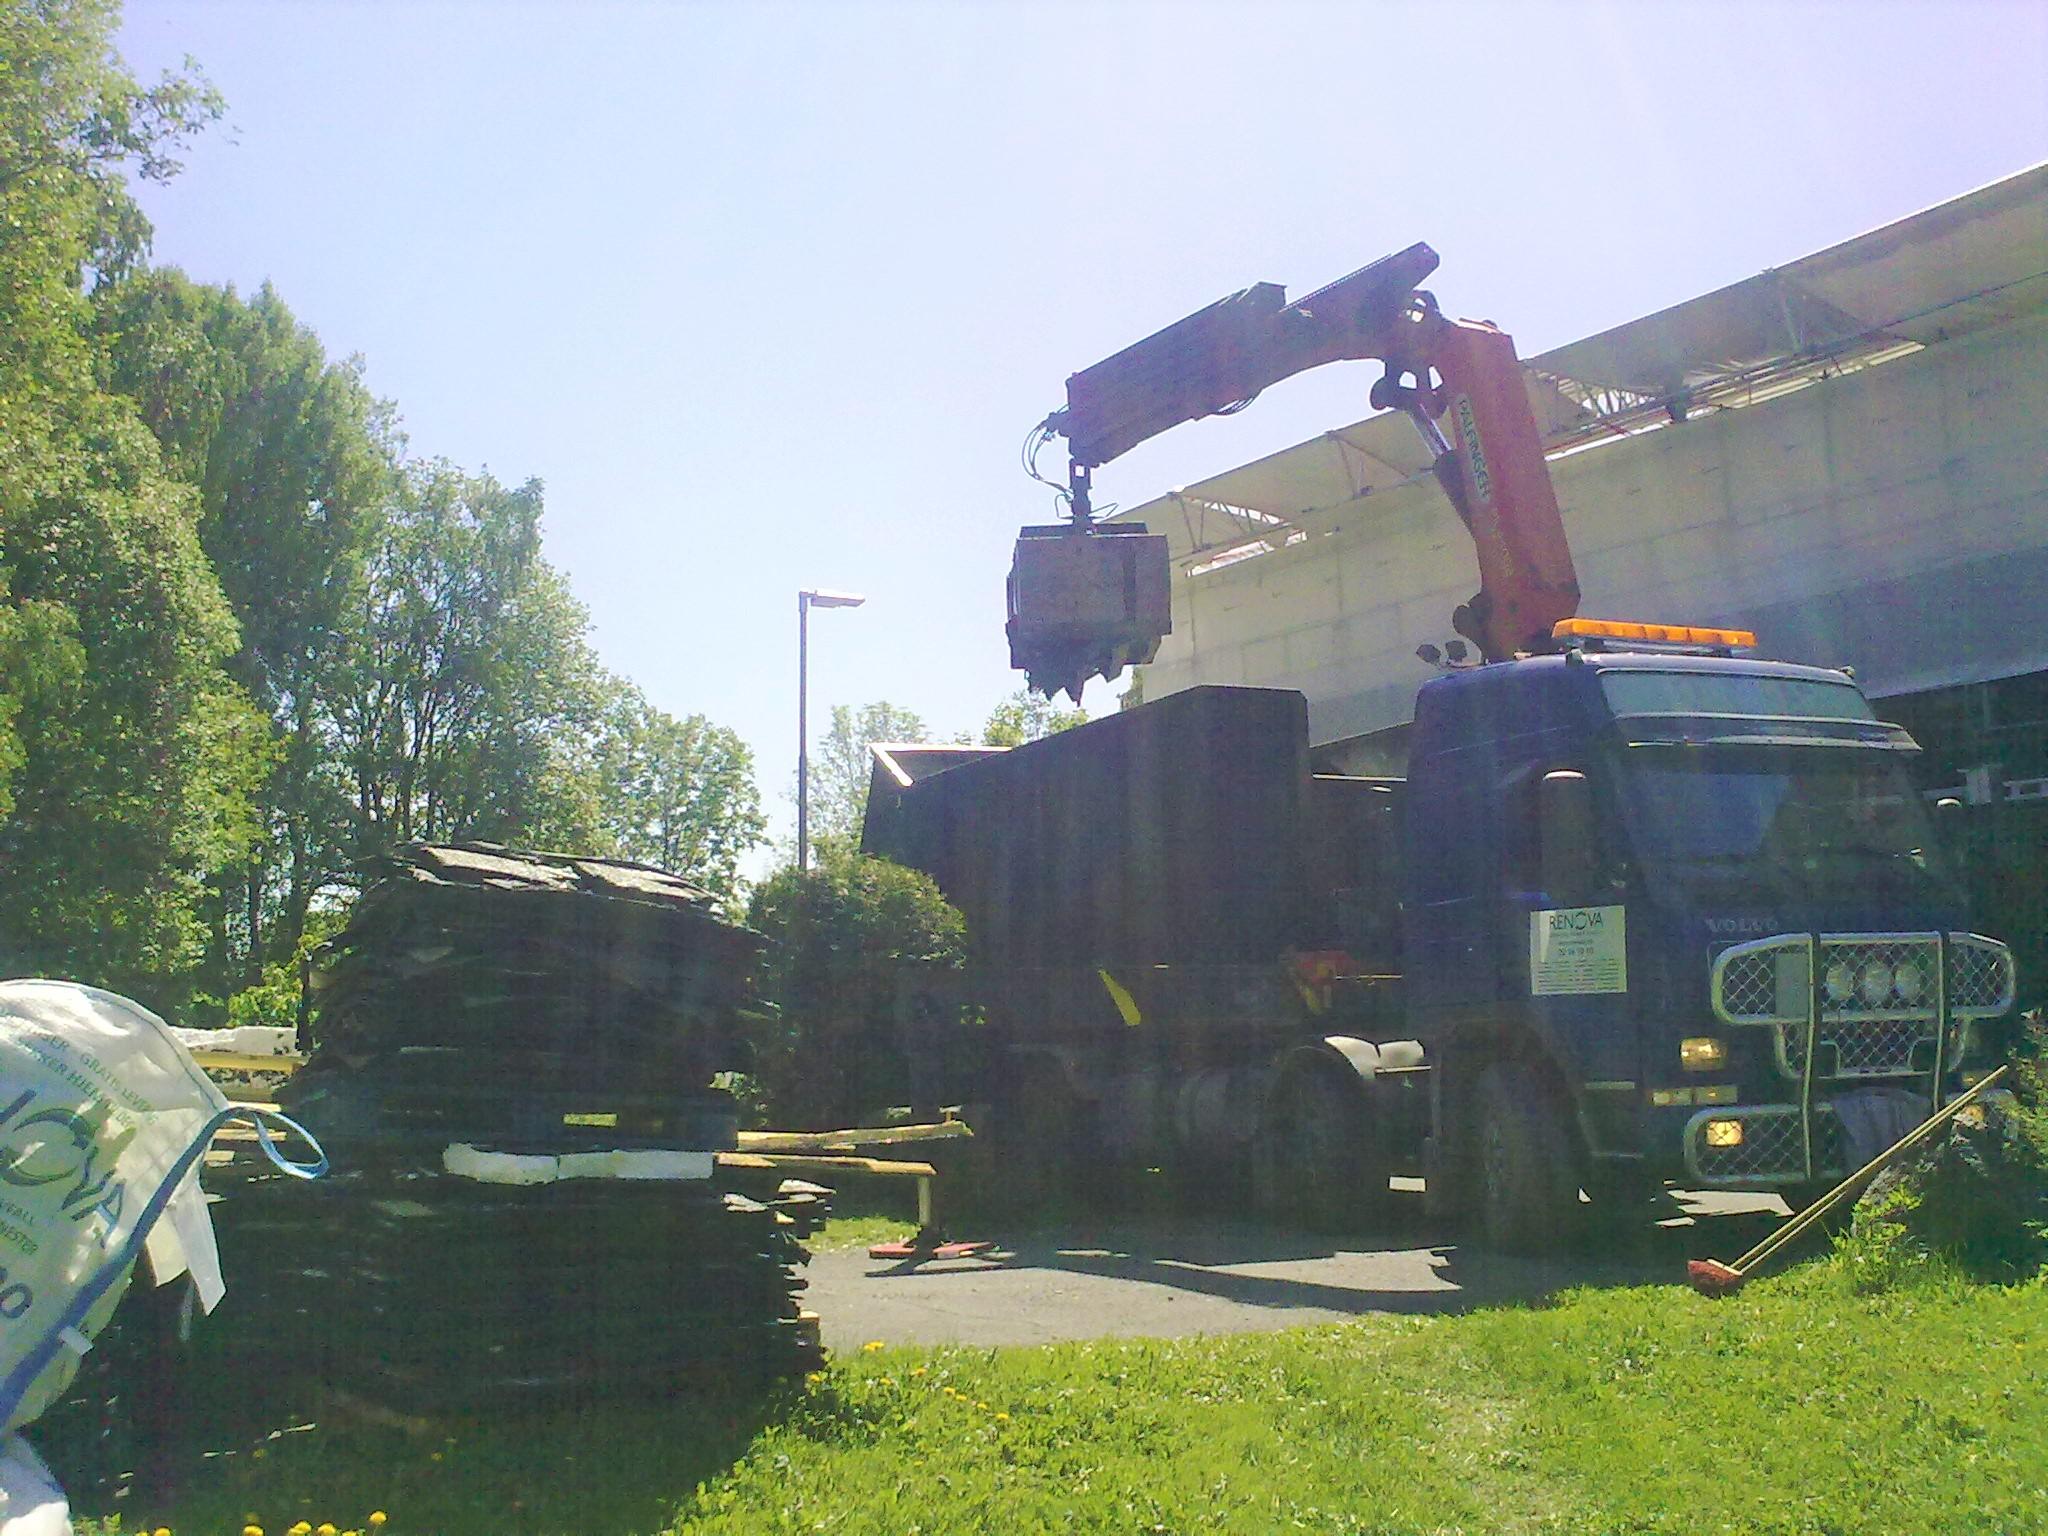 Dette er vår største kranbil, her med en 30 m3 container og grabb, til henting av Renova-sekker og byggavfall. Den brukes også til henting av jord, stein og betong, samt levering av pukk, jord, granitt og mye annet.